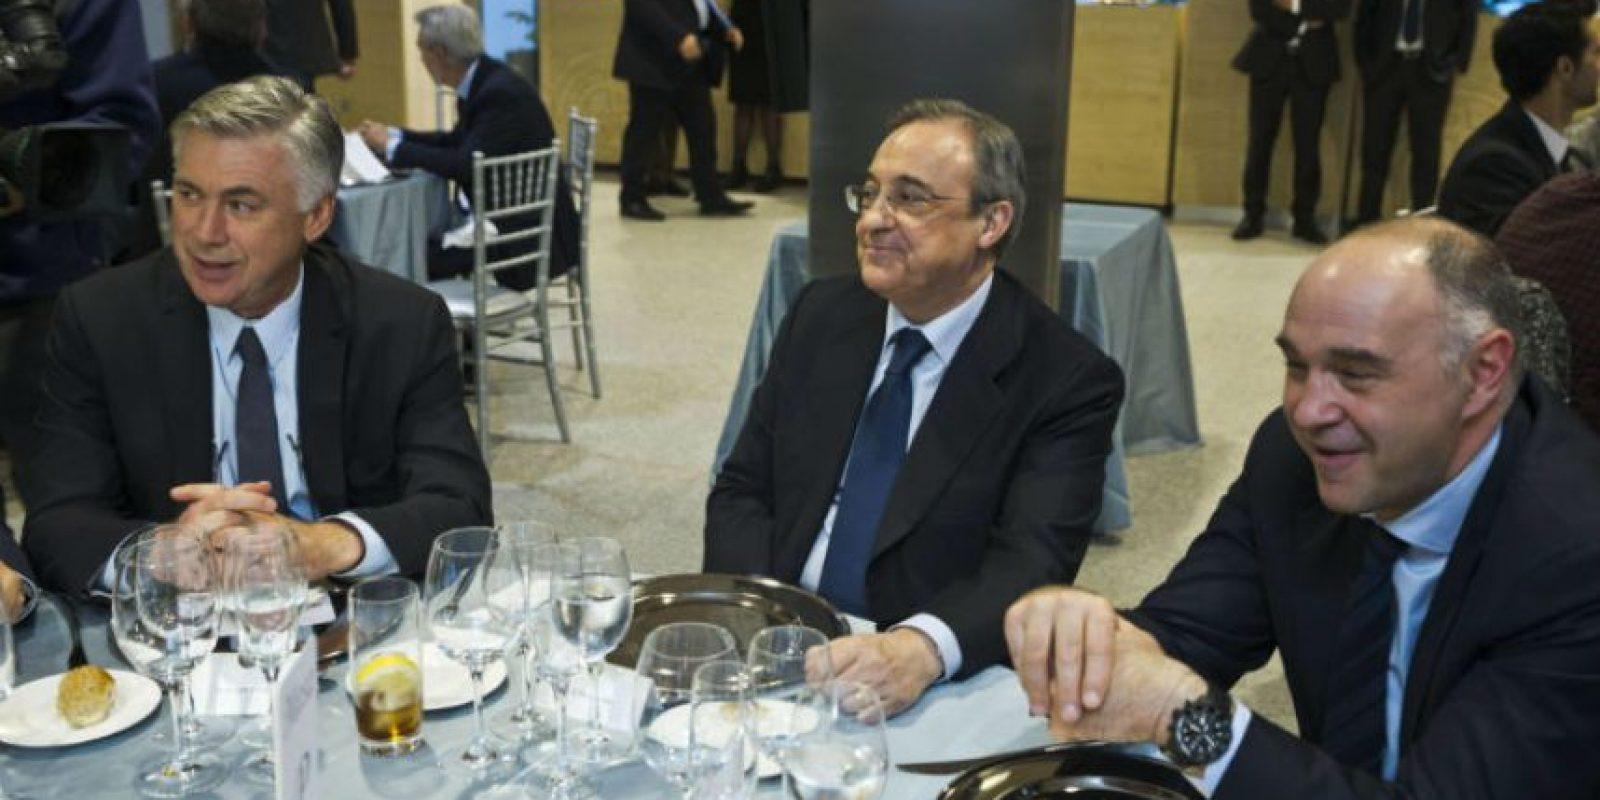 El entrenador Carlo Ancelotti, el presidente del Real Madrid Florentino Pérez y Pablo Laso, técnico del equipo de baloncesto, dsifrutaron de la noche. Foto:EFE